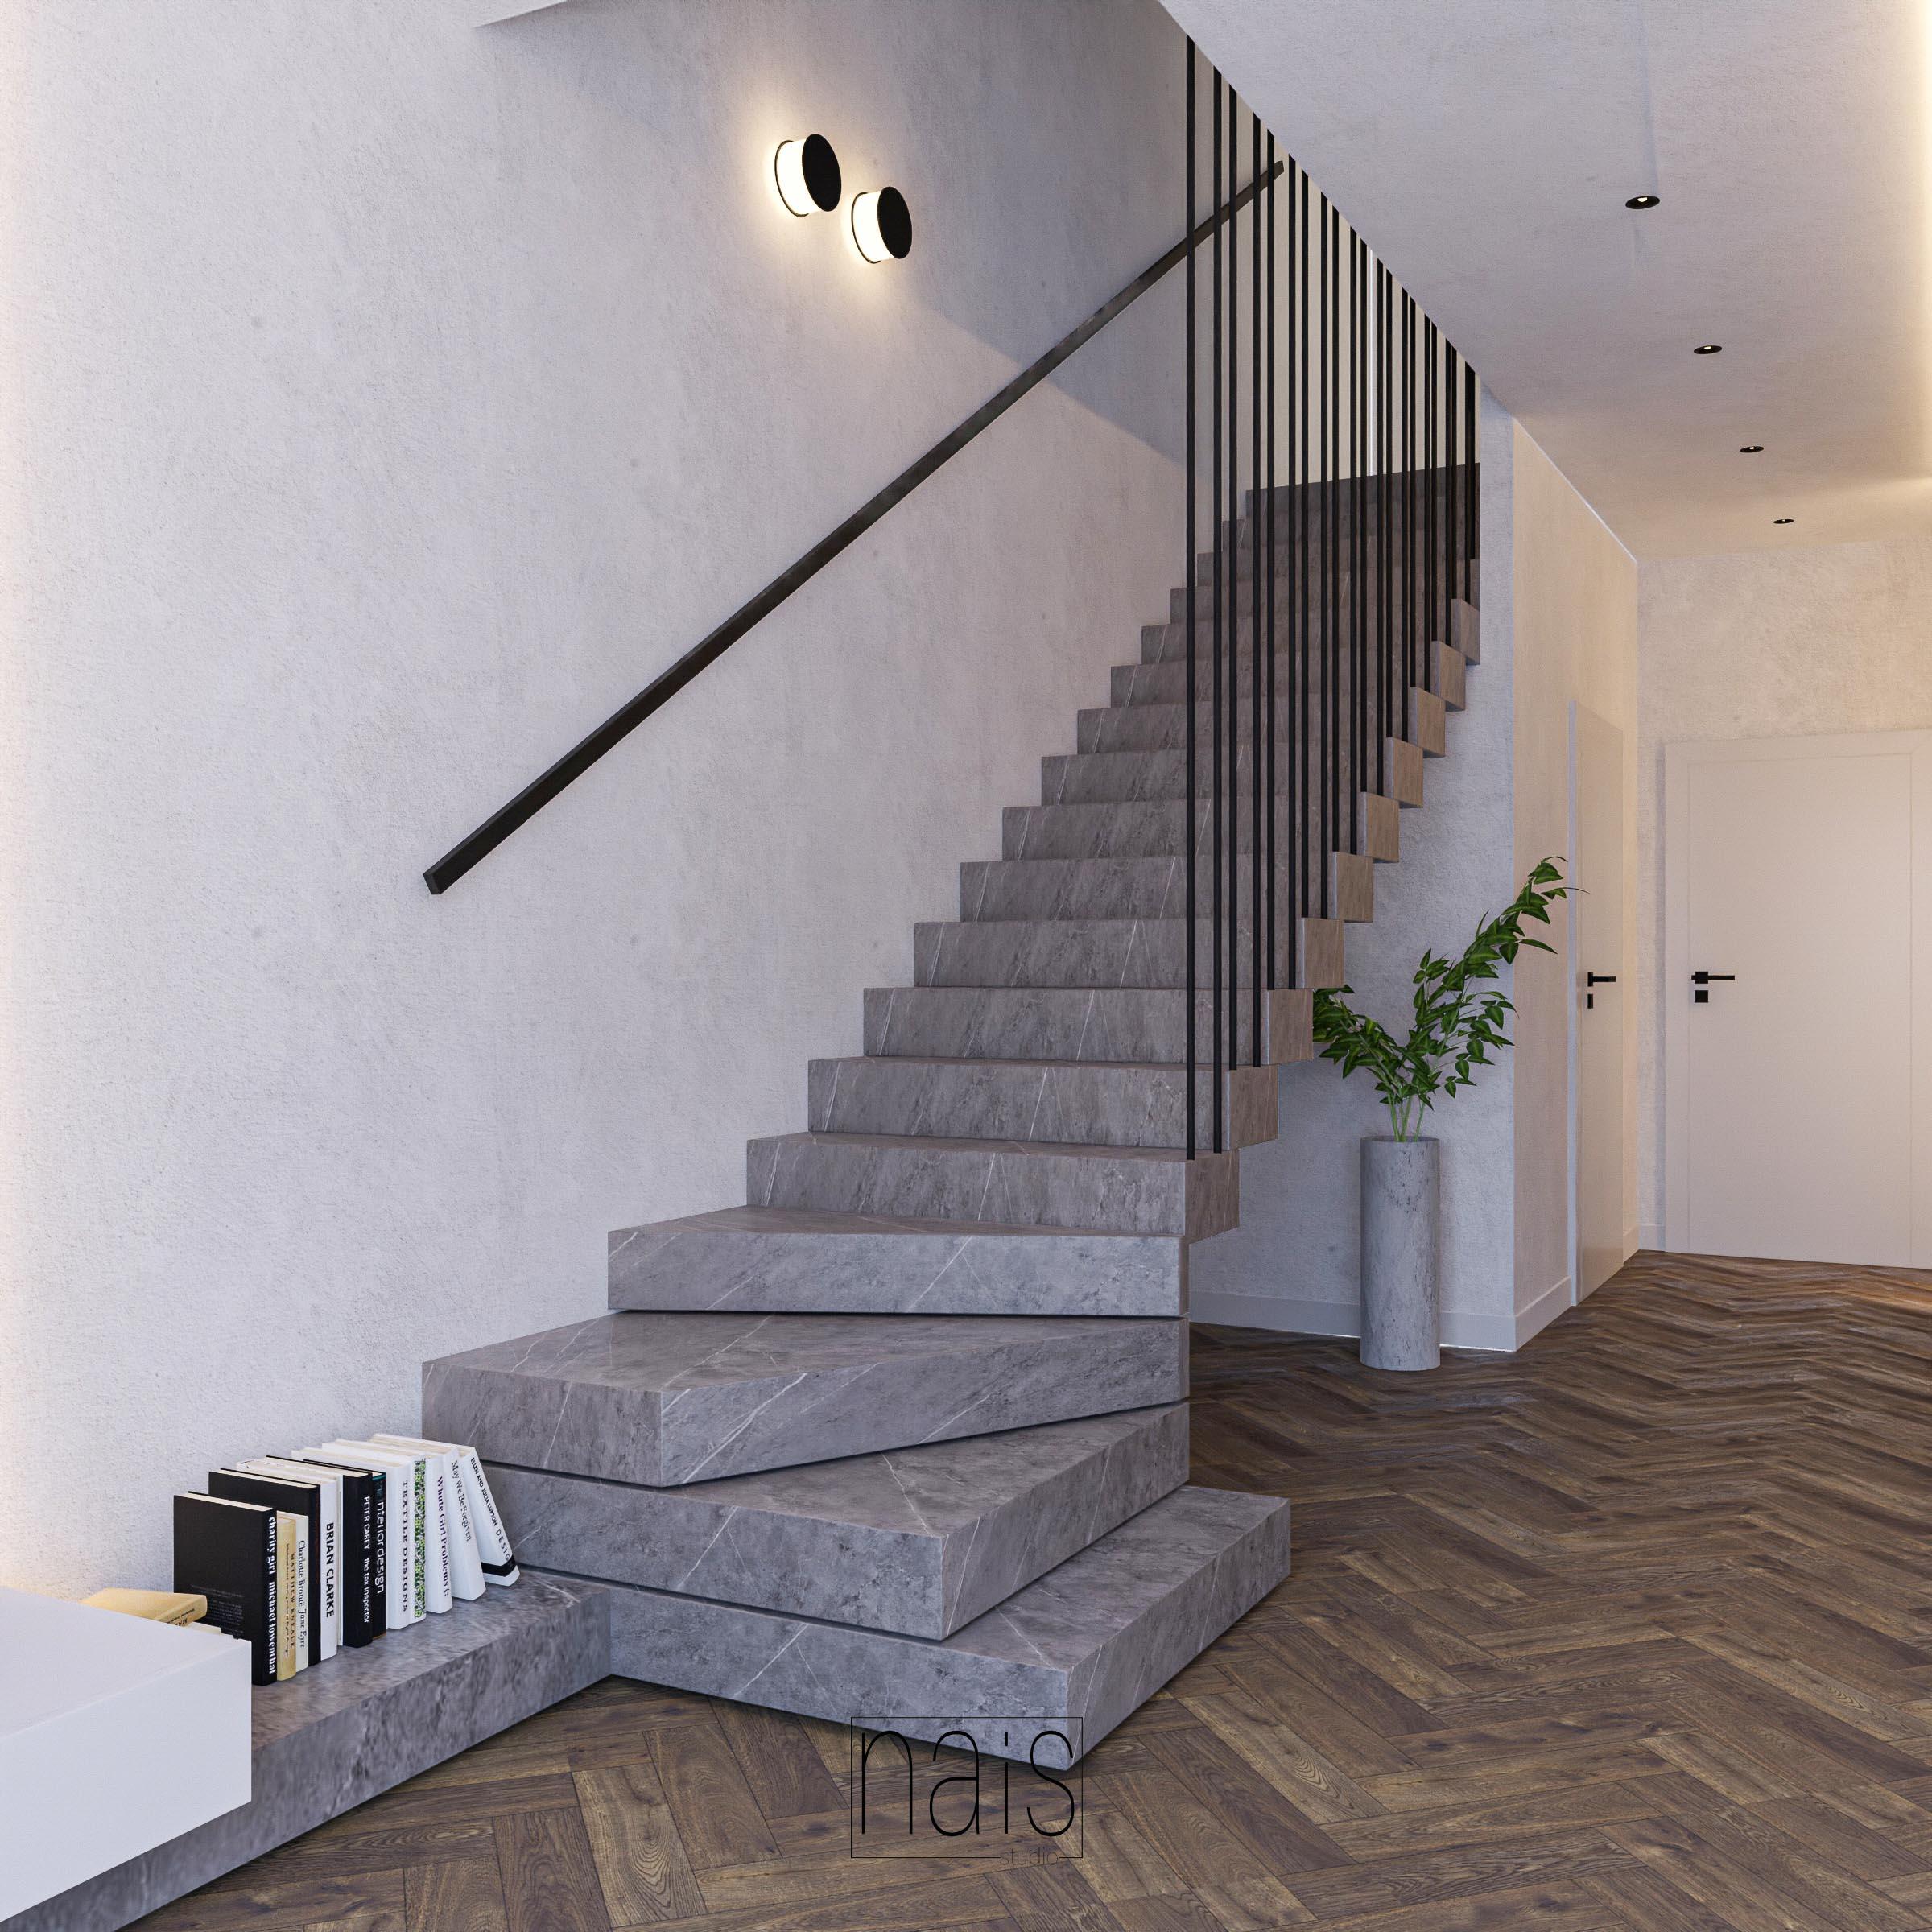 schody-zabiegowe-w-jasnym-salonie-w-jasnych-kolorach